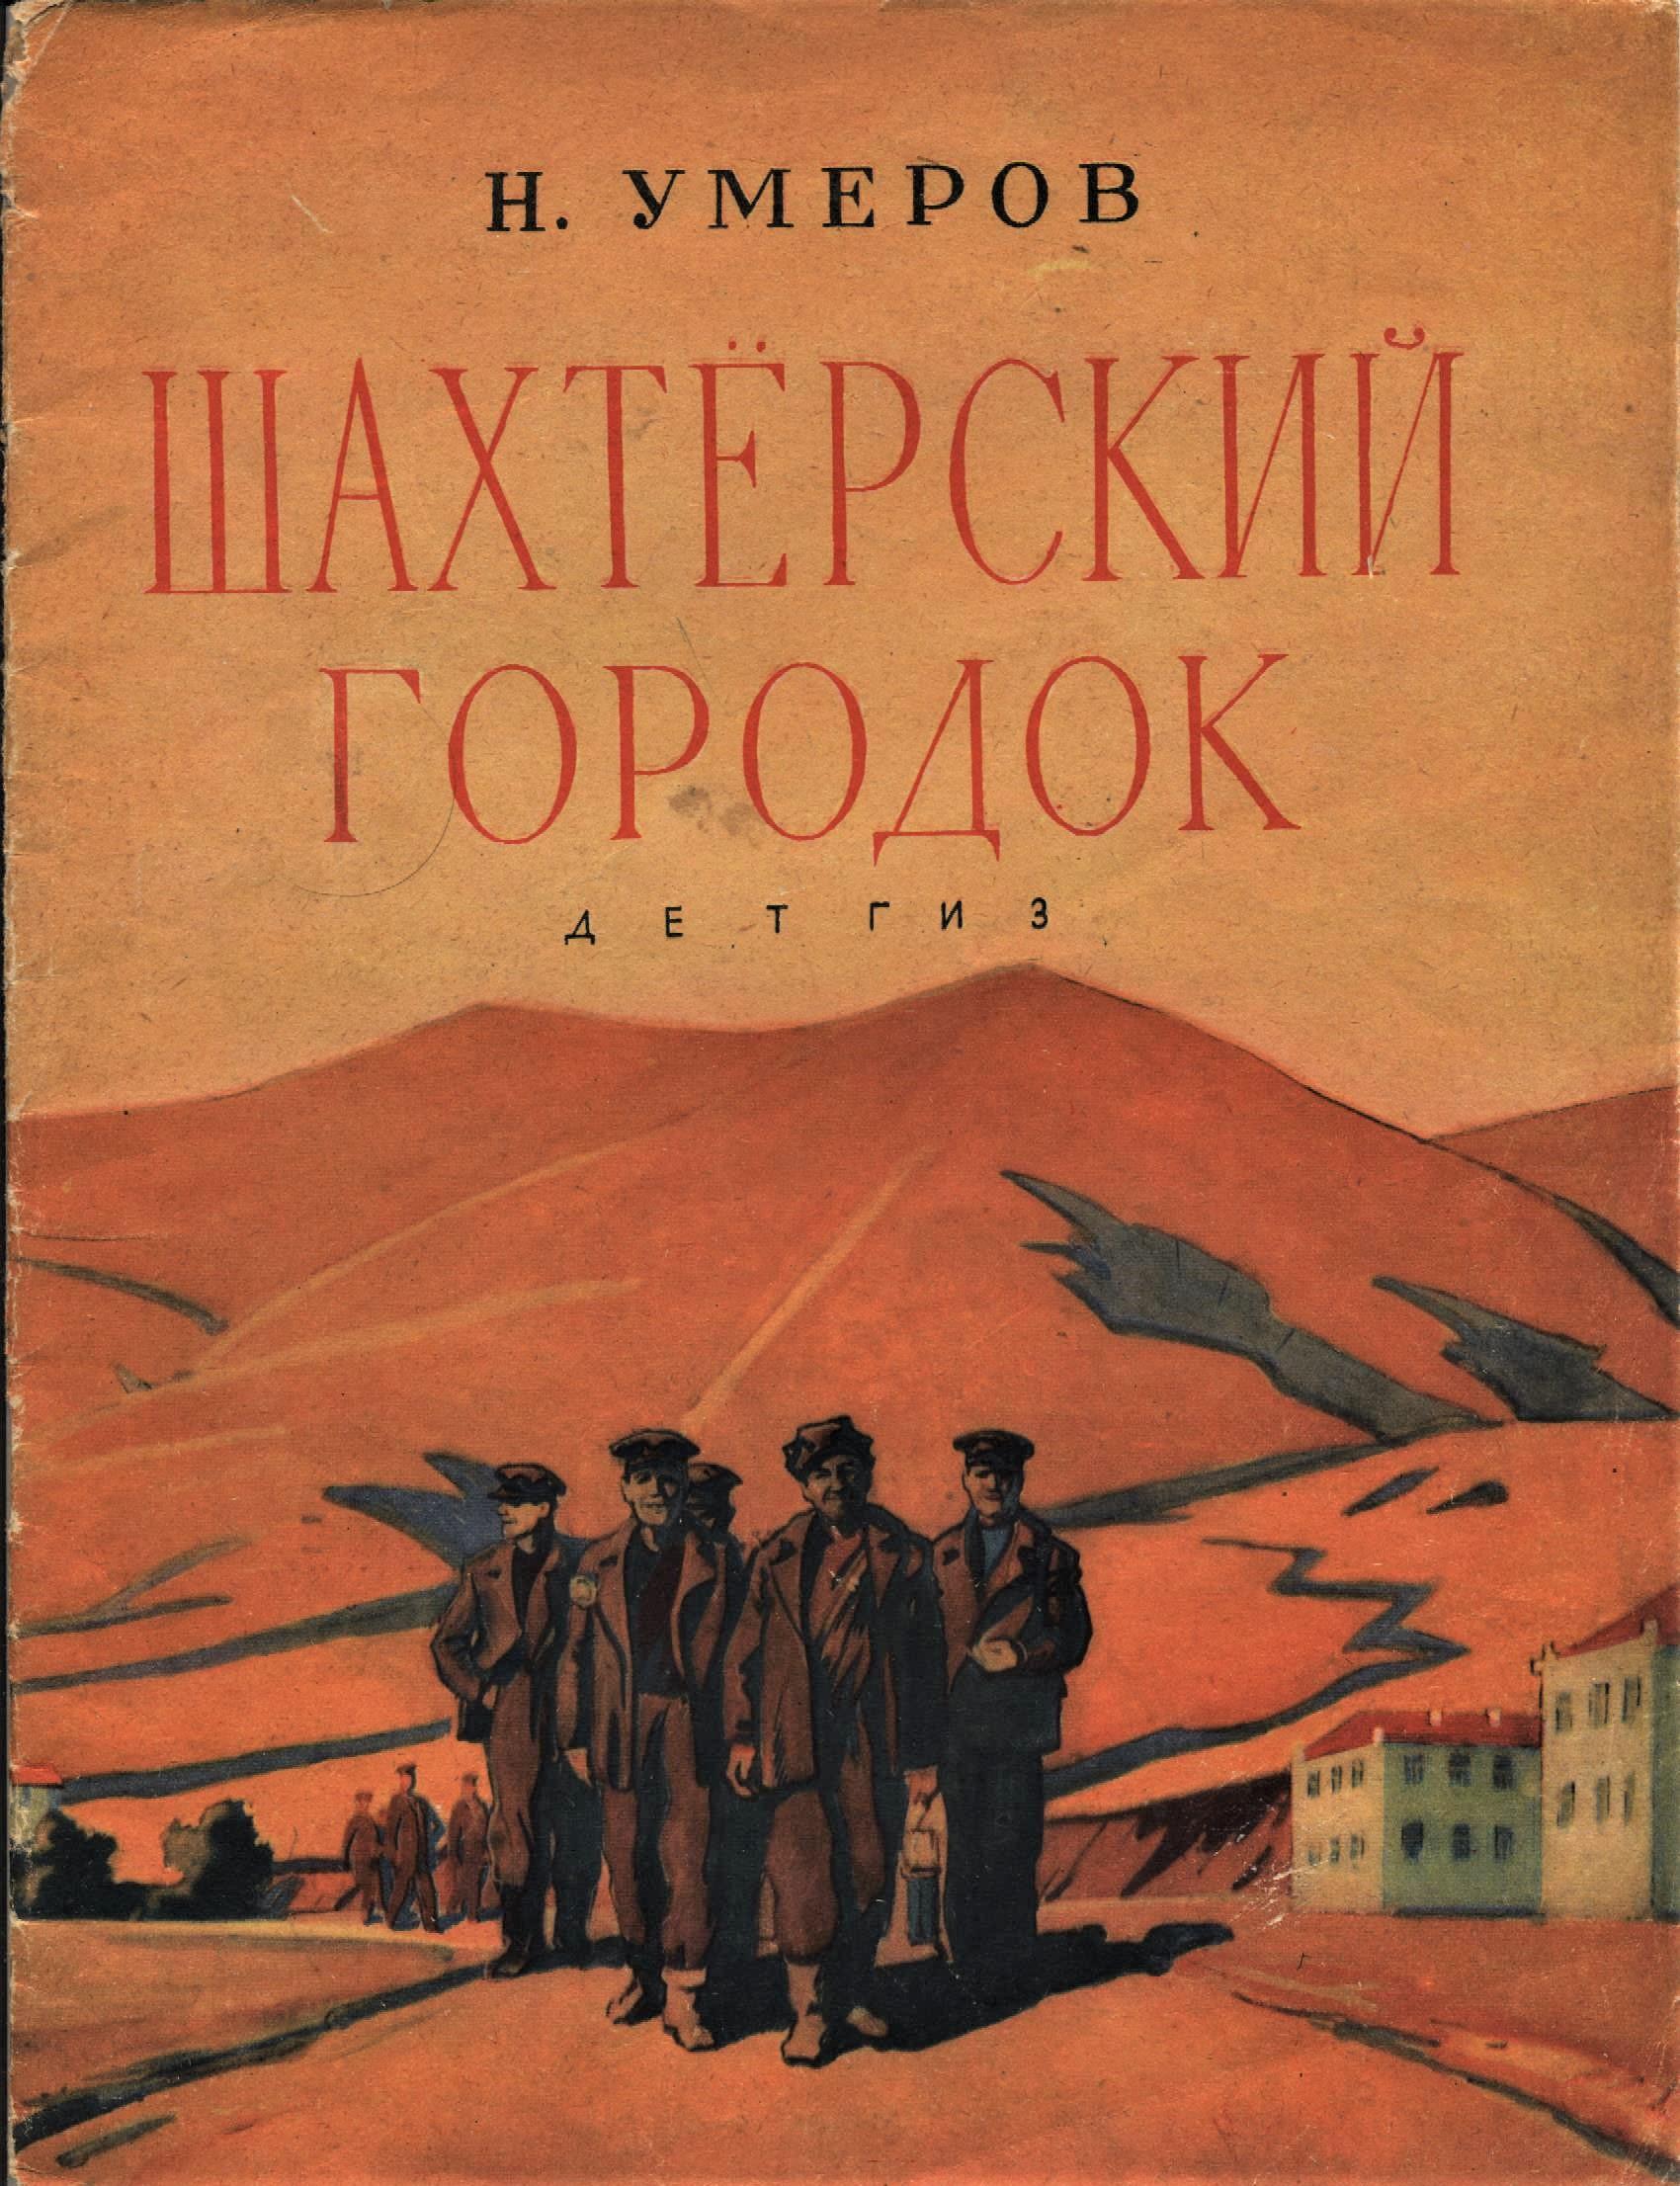 Михайло стельмах книги скачать